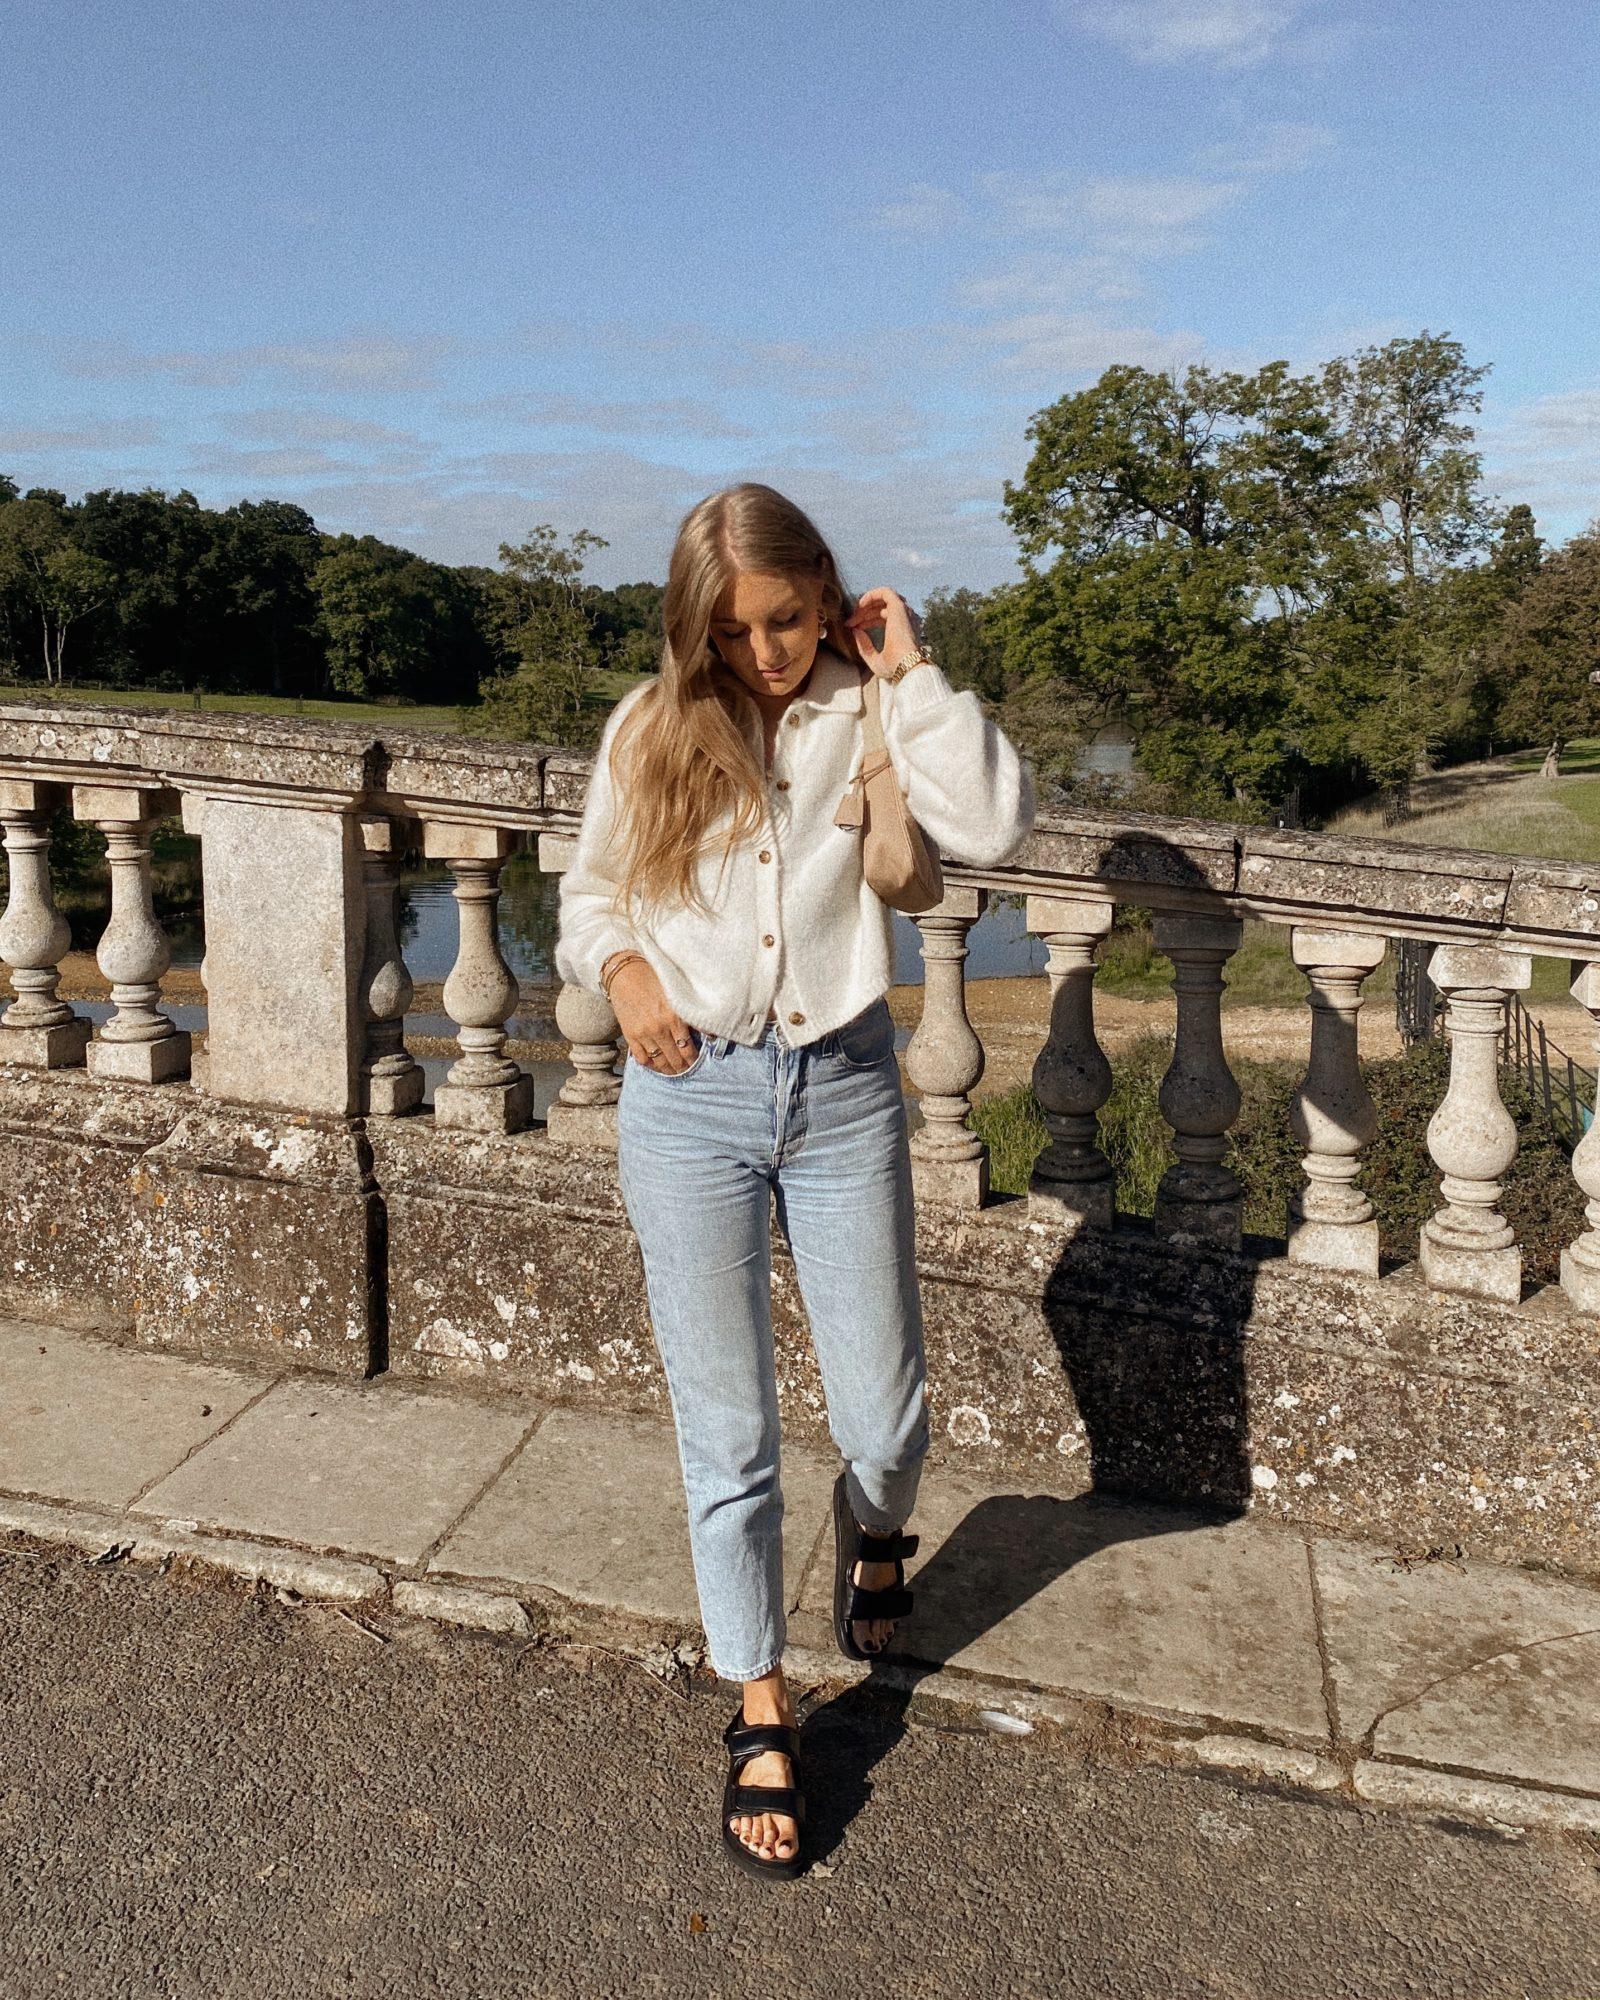 Levis 501 Jeans - Autumn Outfits